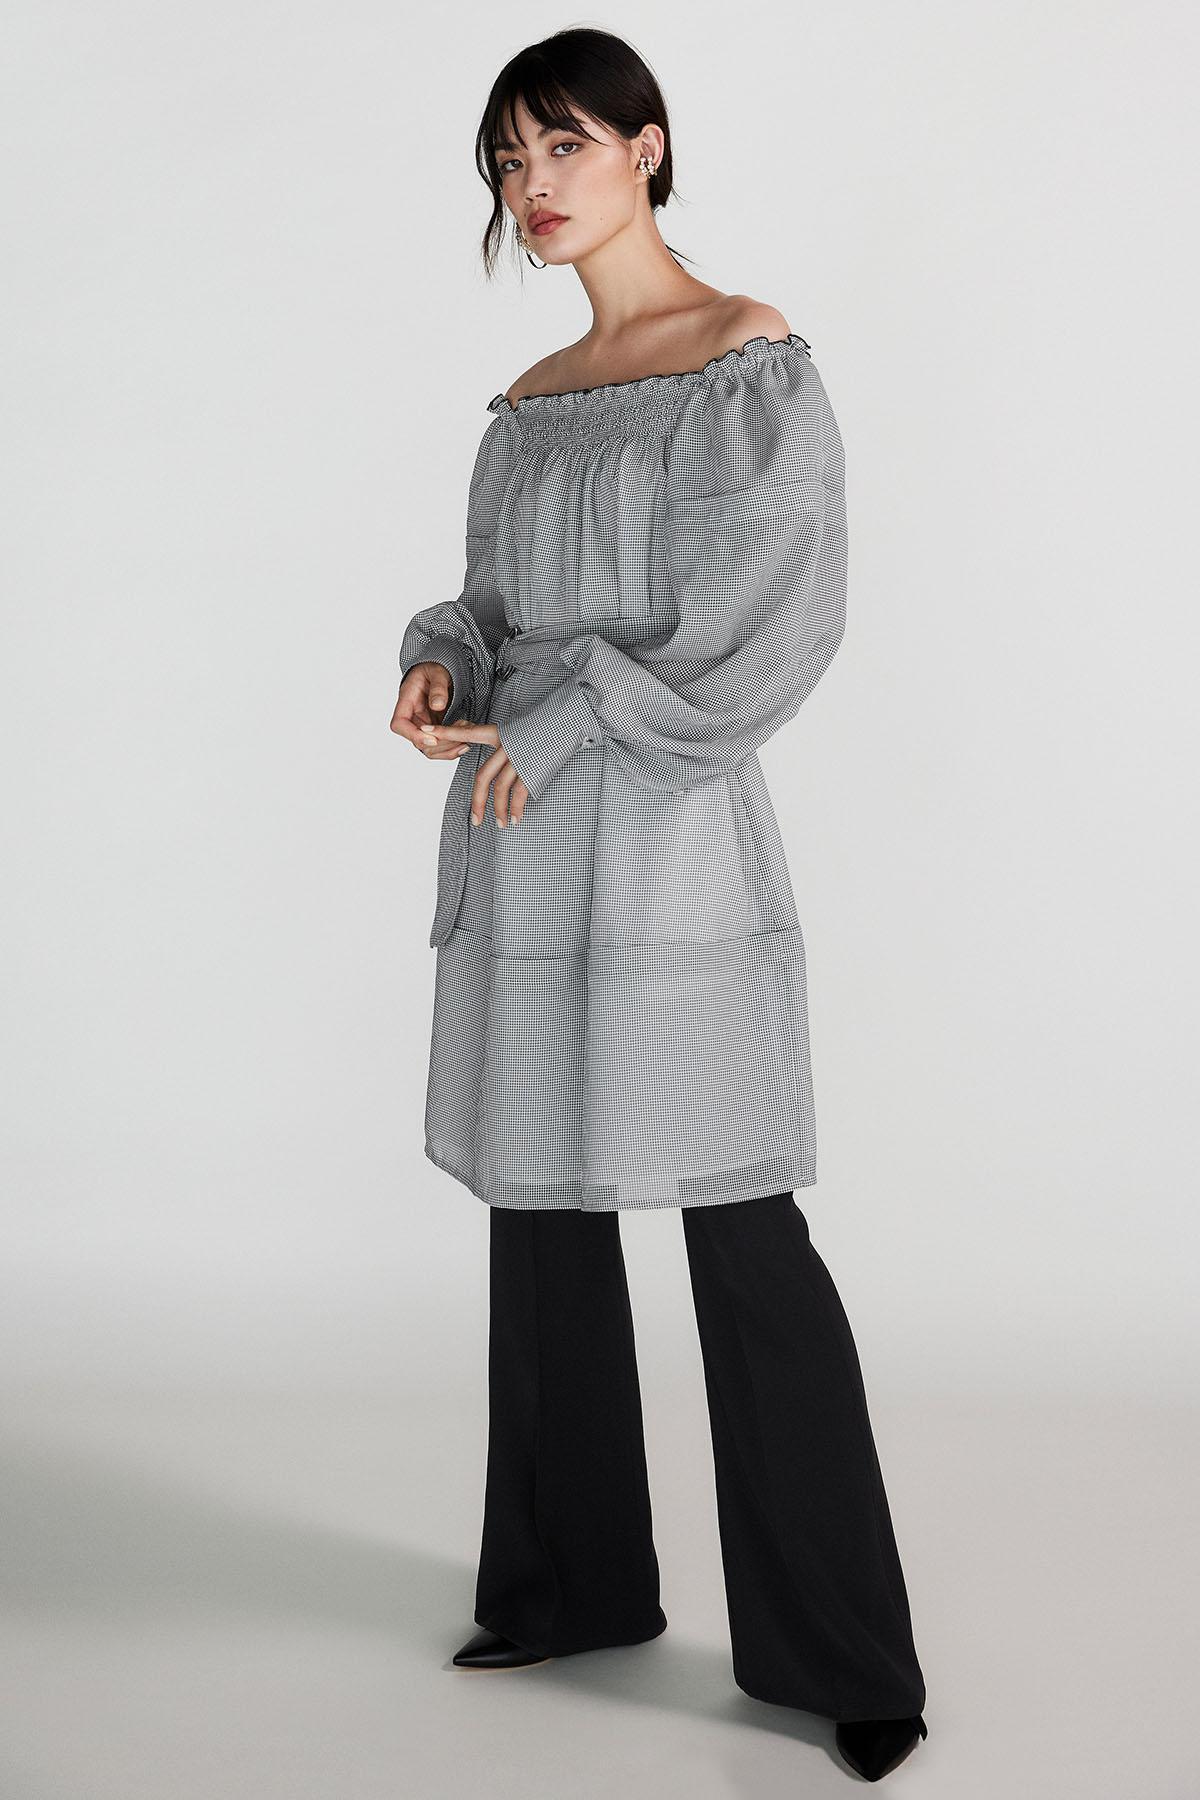 Adeam Pre-Fall 2021 Fashion Show Photos